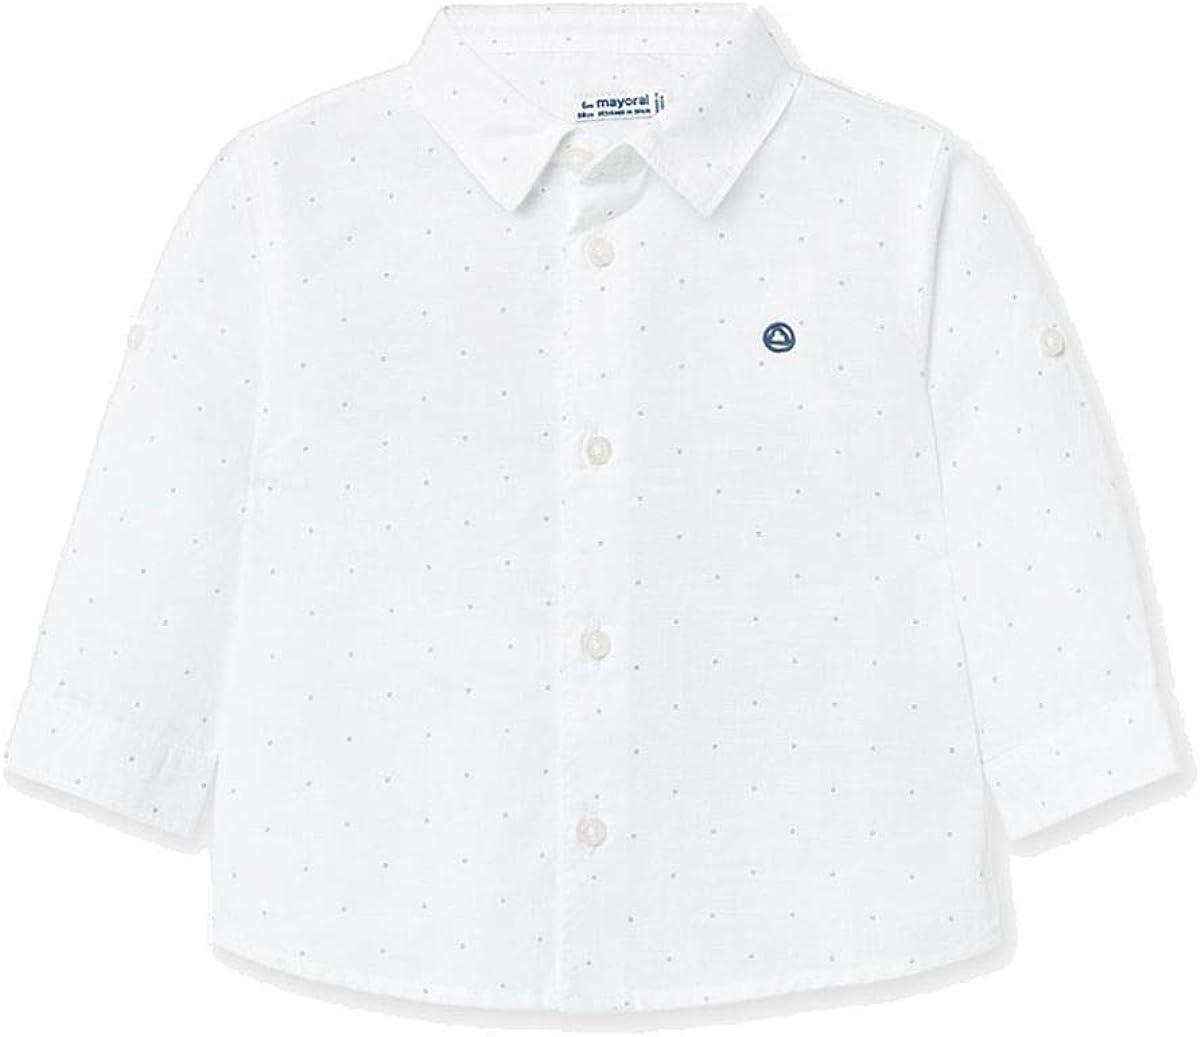 Mayoral Camisa de lino M/L para niño: Amazon.es: Ropa y accesorios